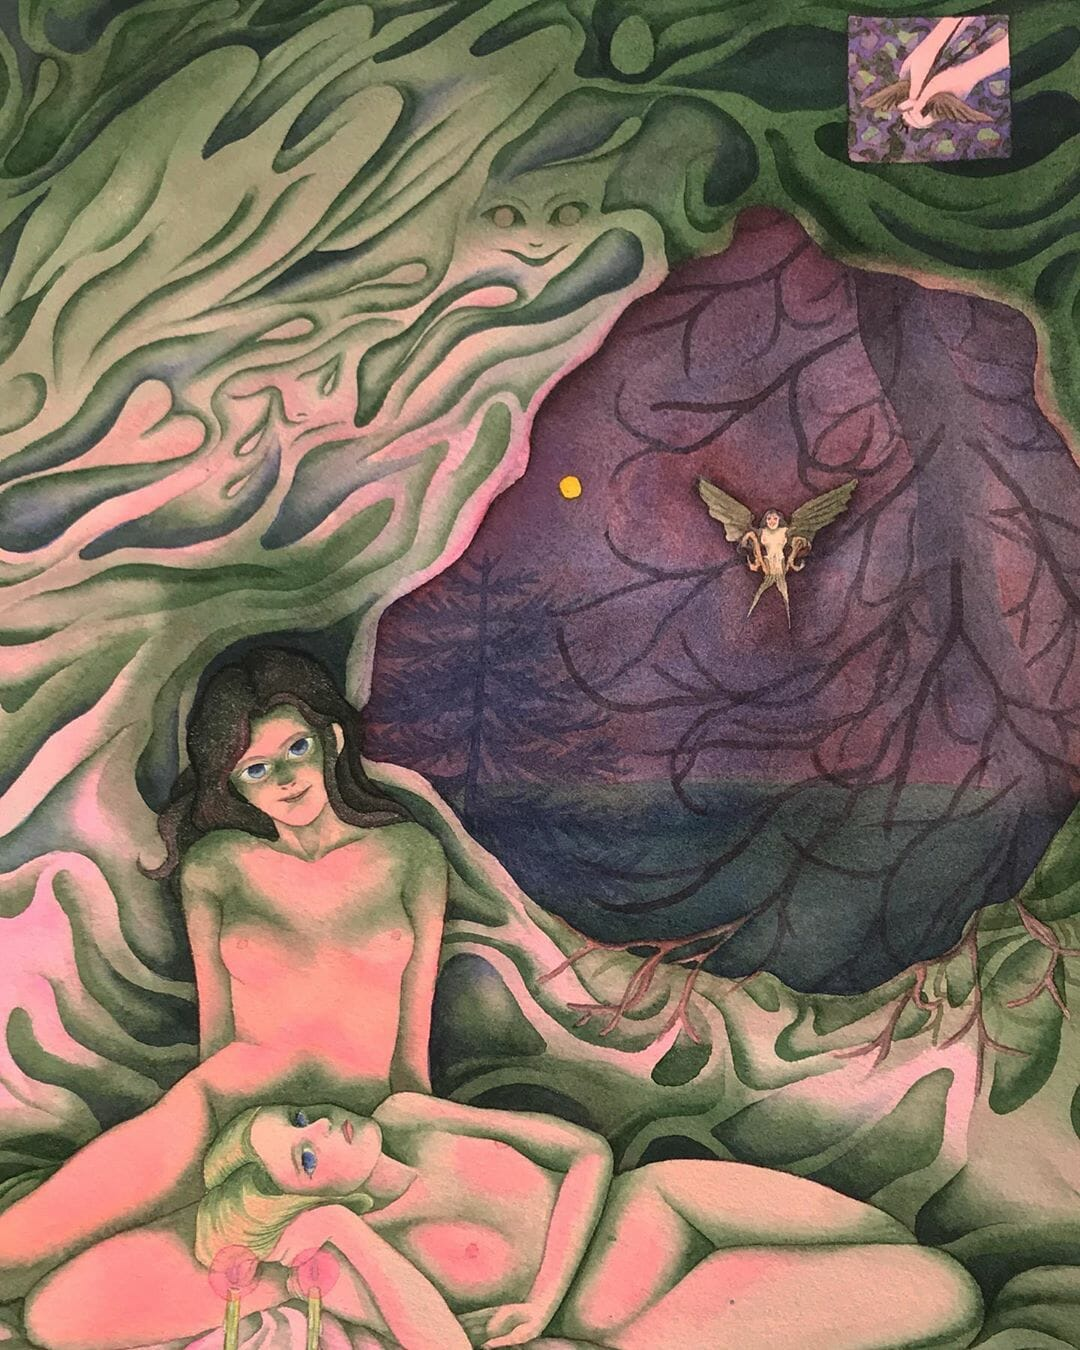 deux femmes nues dans une caverne art par Oda Iselin